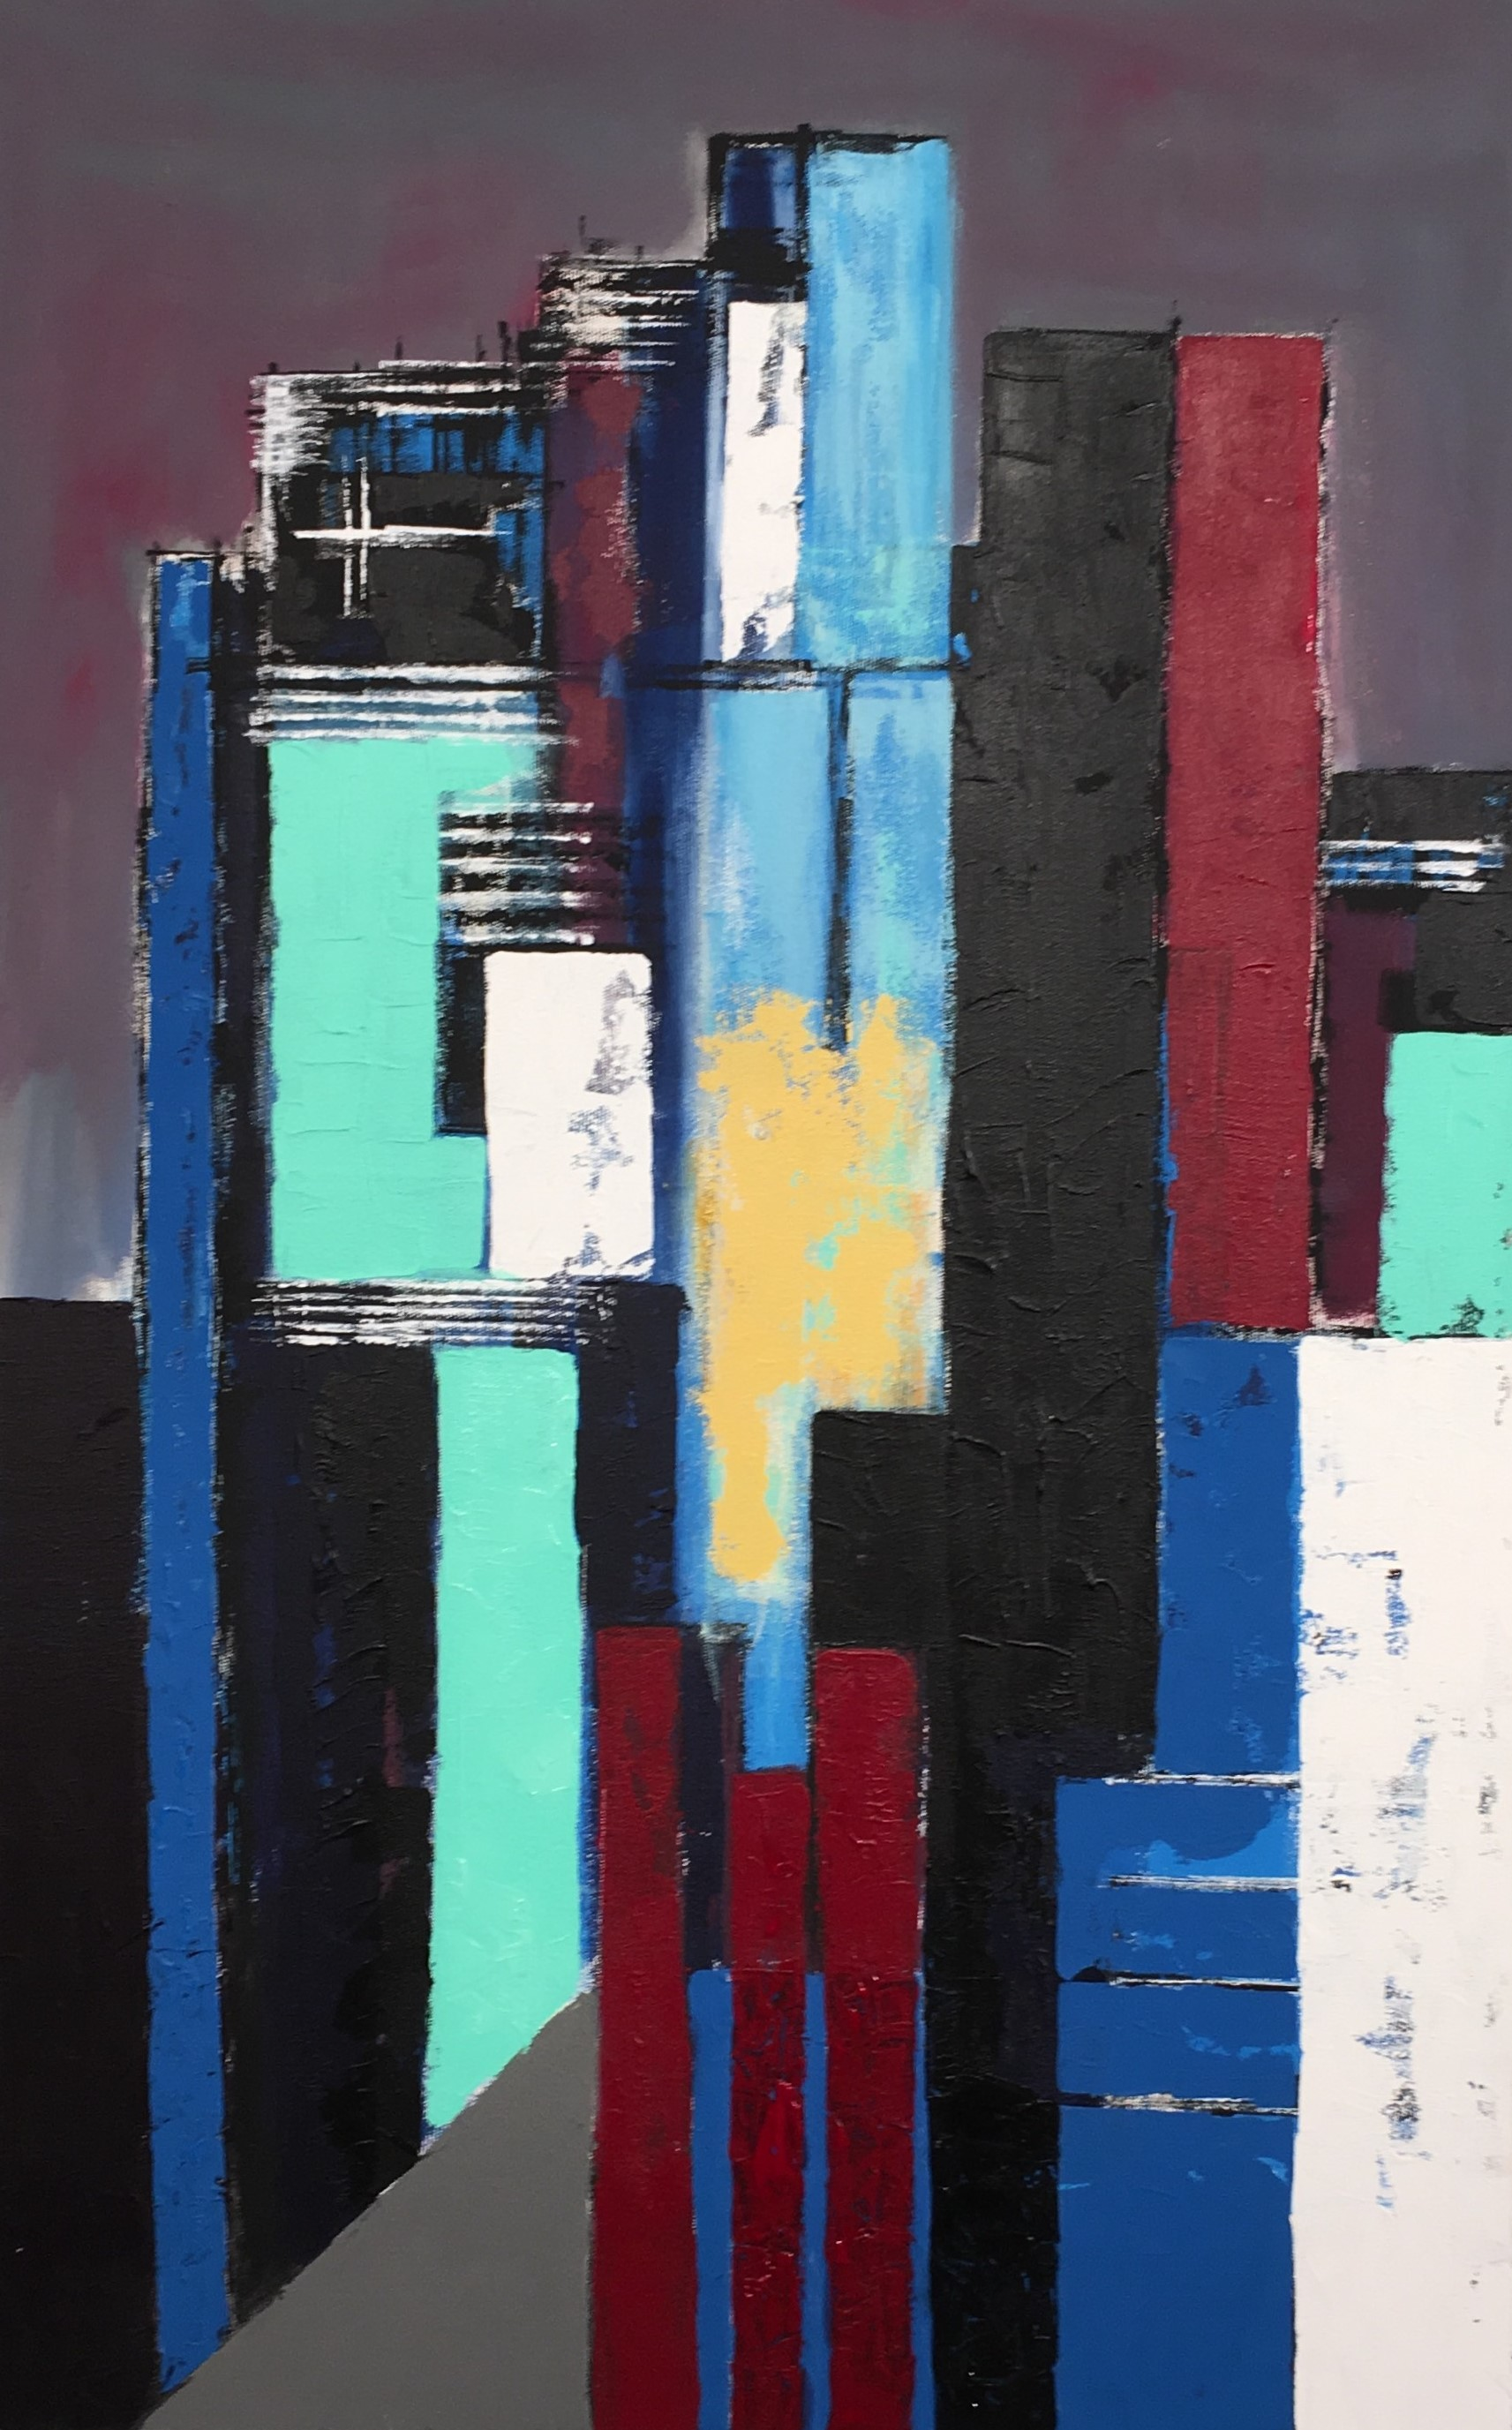 N° 4021- Acrylique sur toile - 116 x 75 cm - 29 novembre 2017